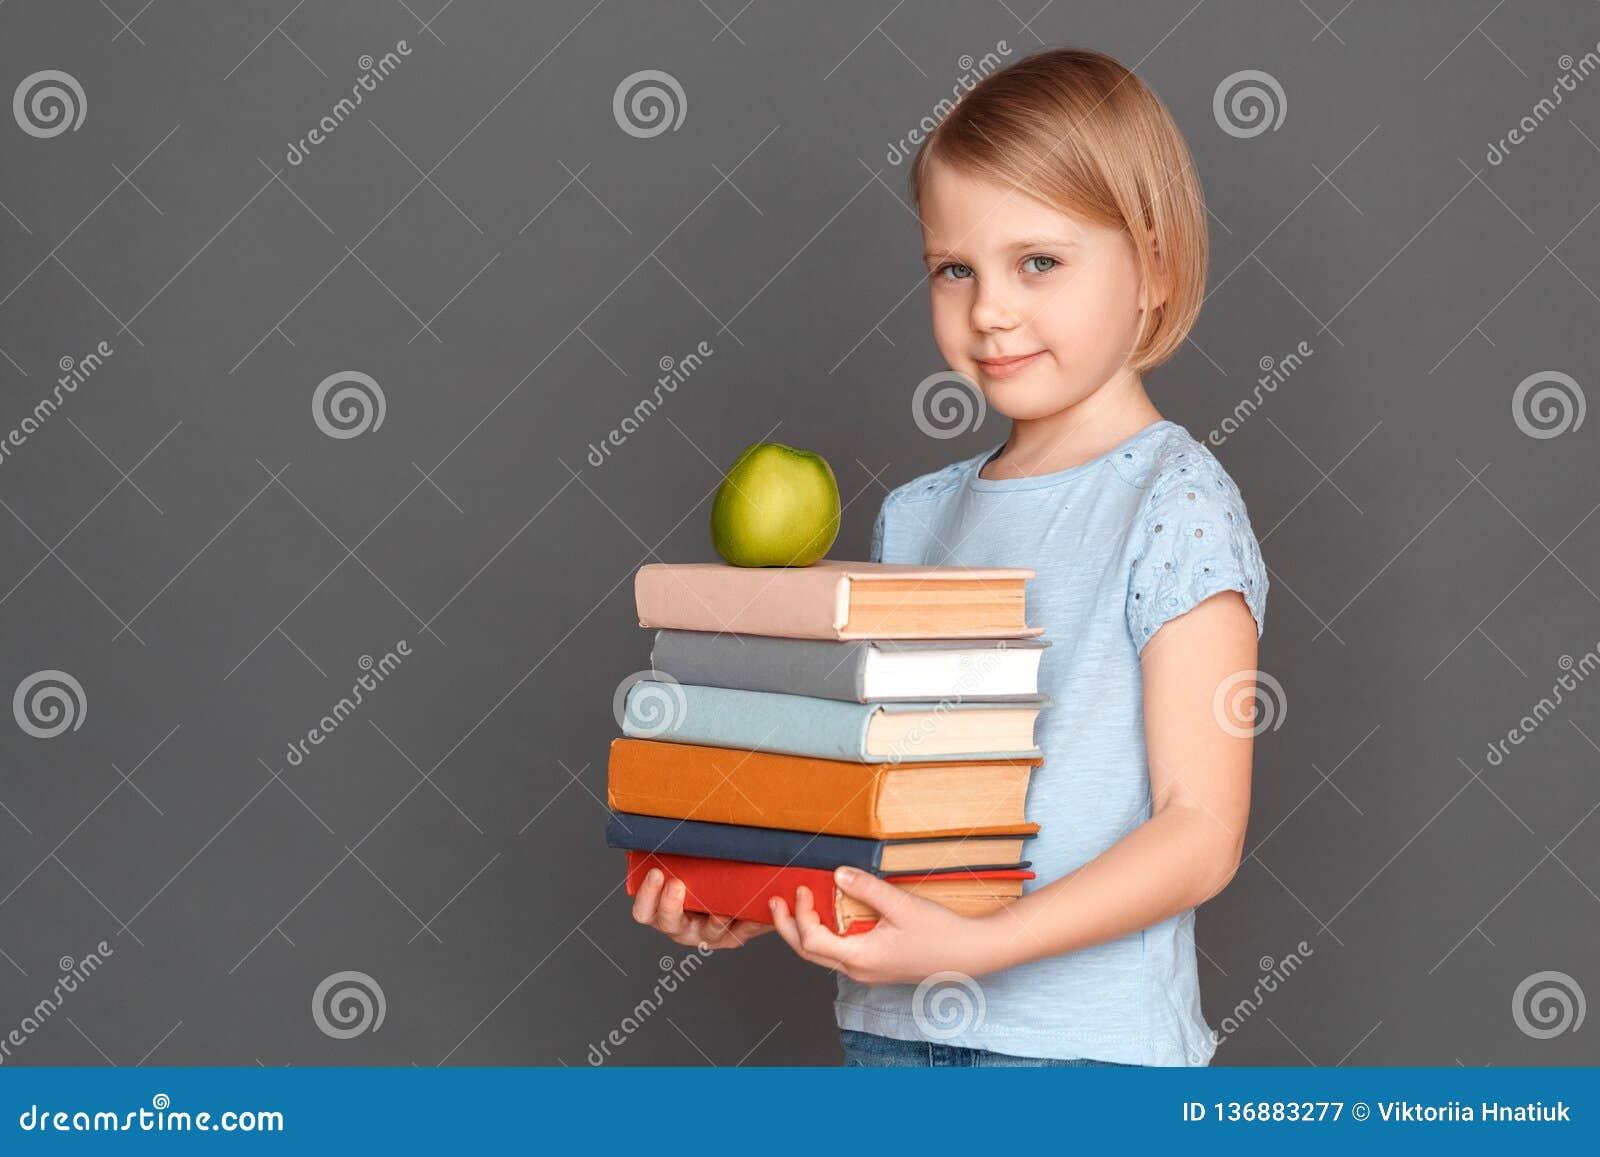 хороший студент Маленькая девочка изолированная на сером цвете с кучей книг и усмехаться яблока скромного